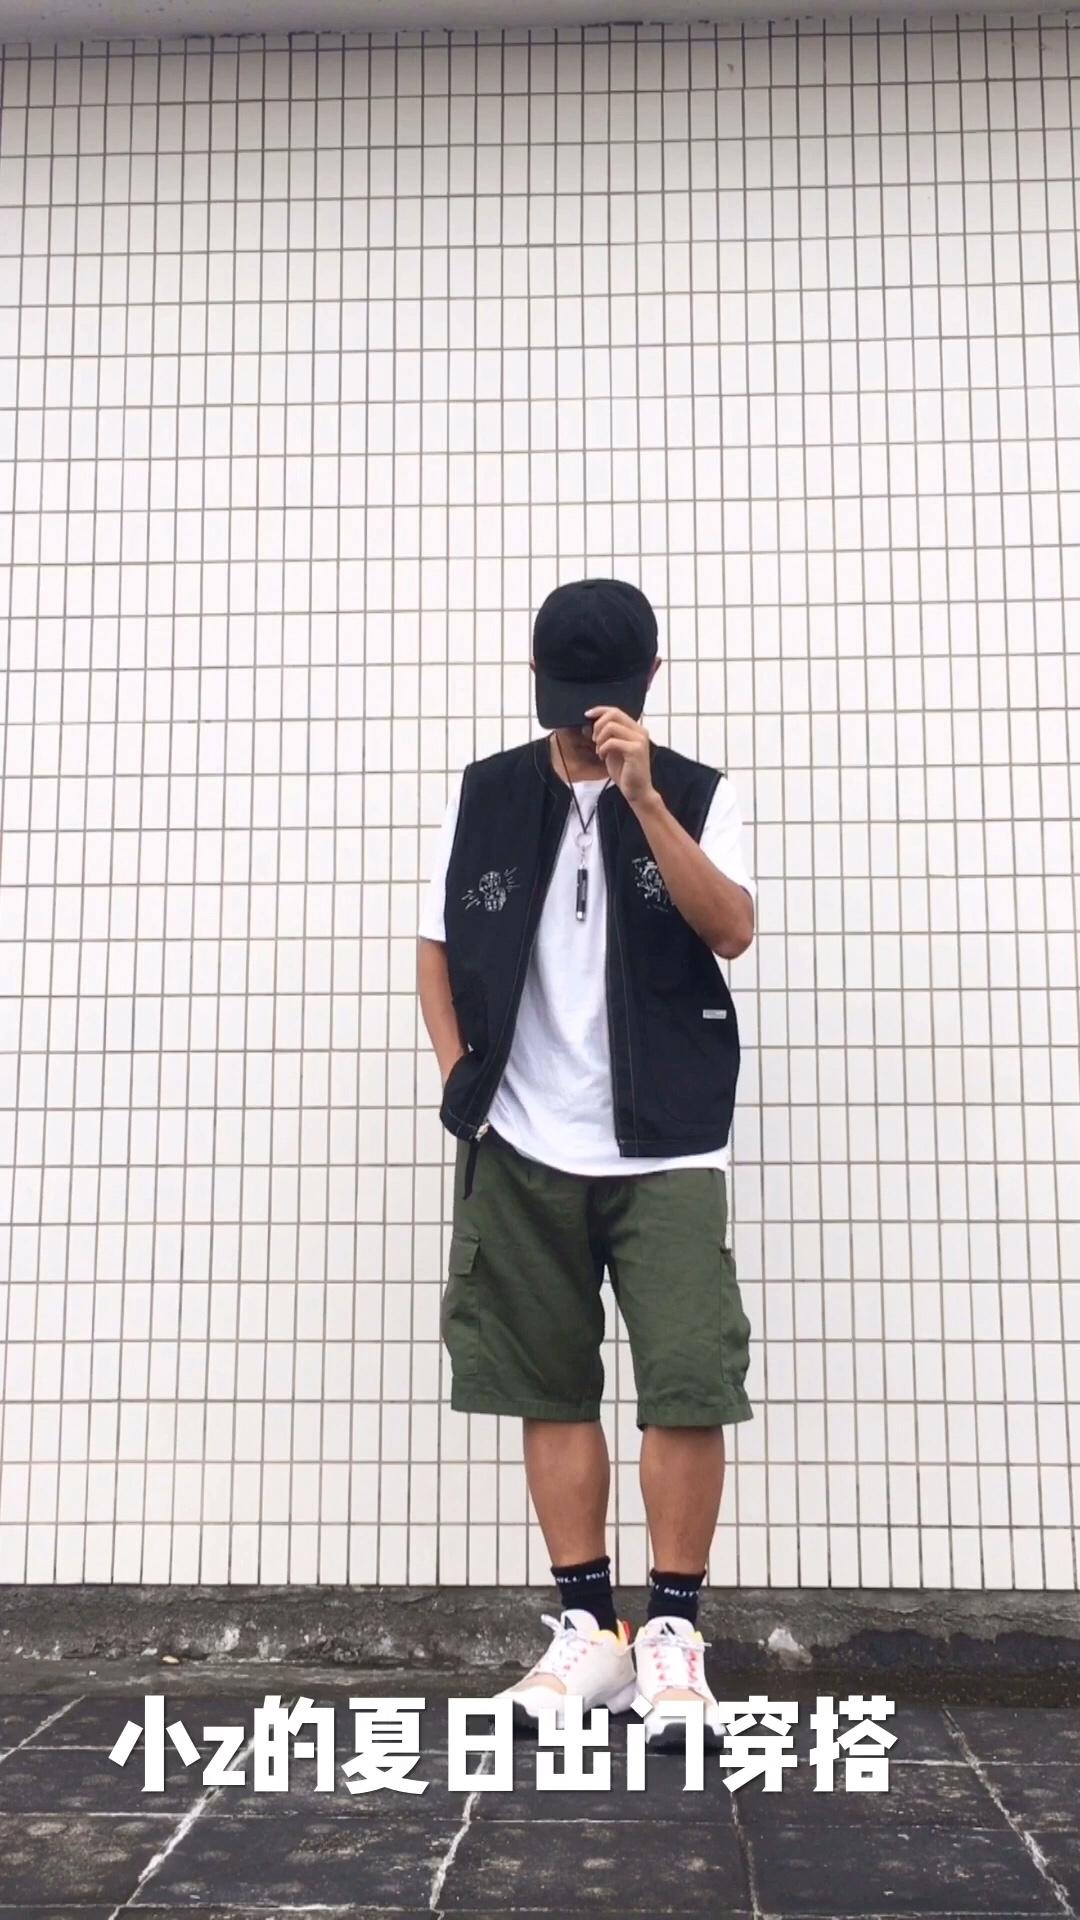 小z的日常穿搭分享 👔:骰子印花黑色主题马甲内搭纯白t桖 👖:军绿工装五分短裤 👟:nike acg登山机能鞋 一组休闲适合出门的夏季清凉穿搭一look,整体给人感觉活力满满,且色系搭配上很舒服,这件黑色马甲个人较为喜欢,印花很有感觉也很好看,鞋子选择了nike的acg系列登山机能鞋,上脚舒适感高,配饰选择reocha的小手电筒作为胸前挂饰,非常好看#在线解答见初恋怎么穿#